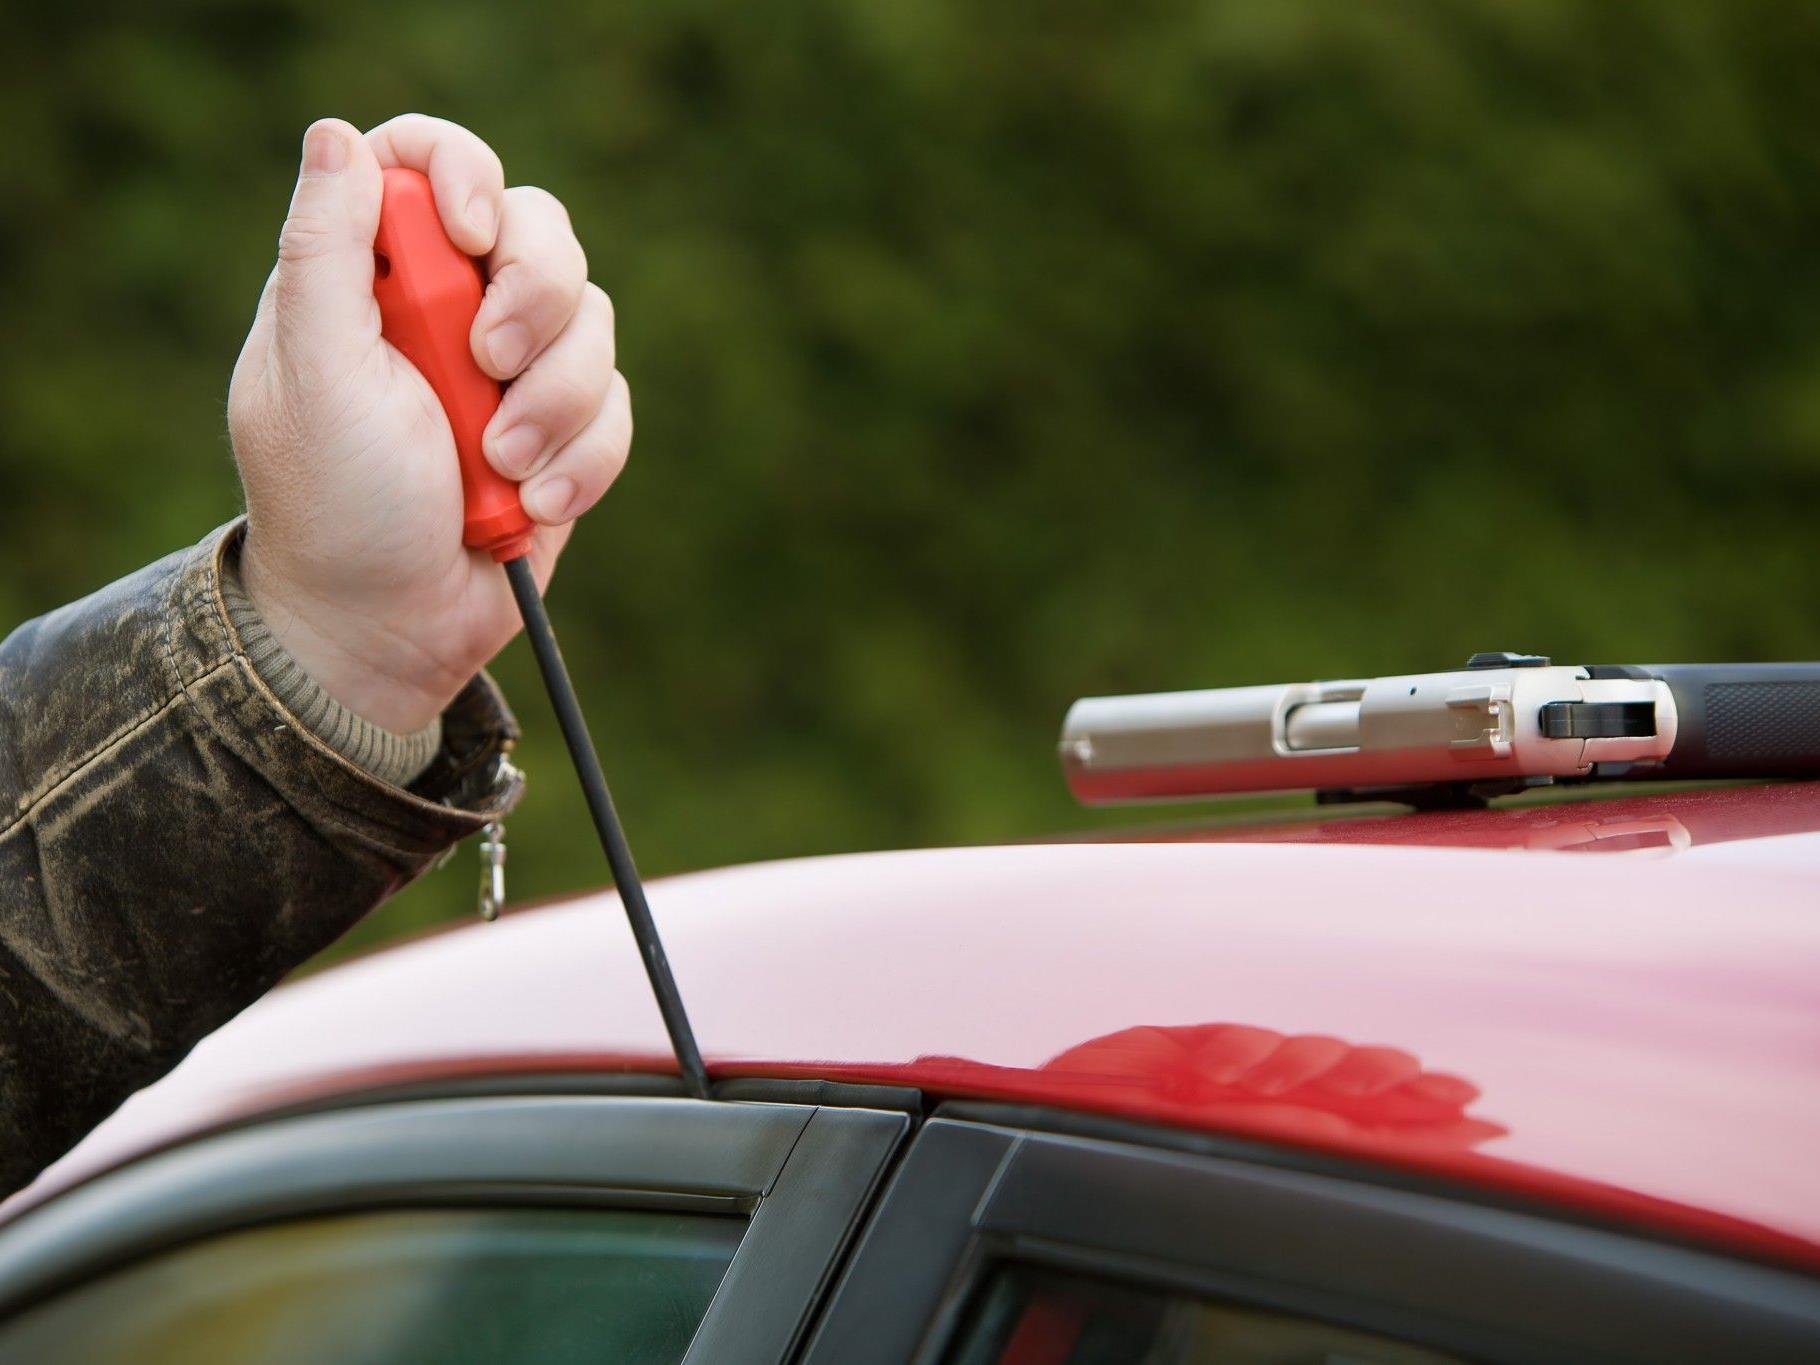 Einbrüche und Autodiebstähle sind gesunken, Online-Betrug steigt allerdings stark an